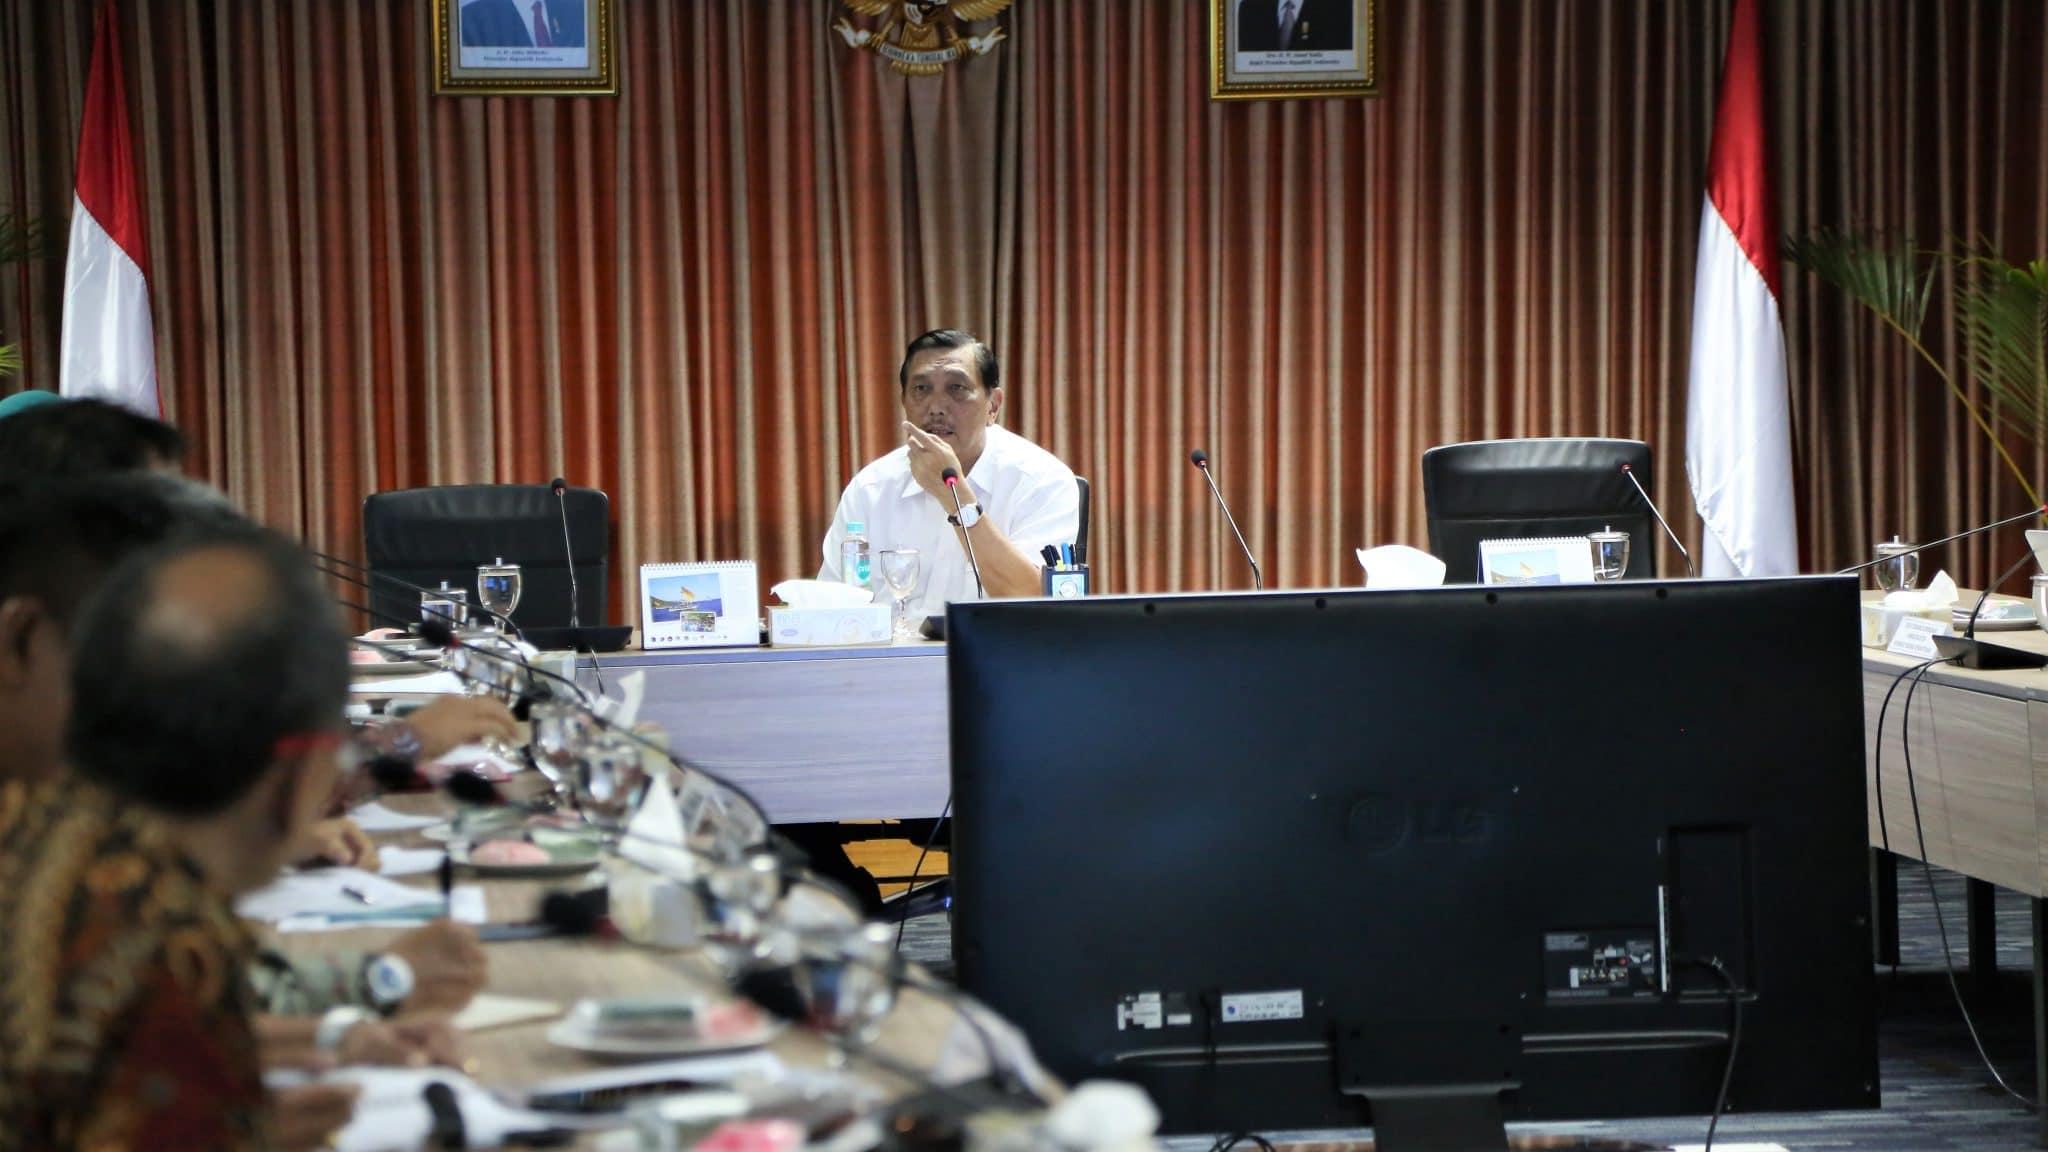 Menko Luhut Rapat Khusus Penyelesaian Bandara Internasional Jawa Barat (BIJB)